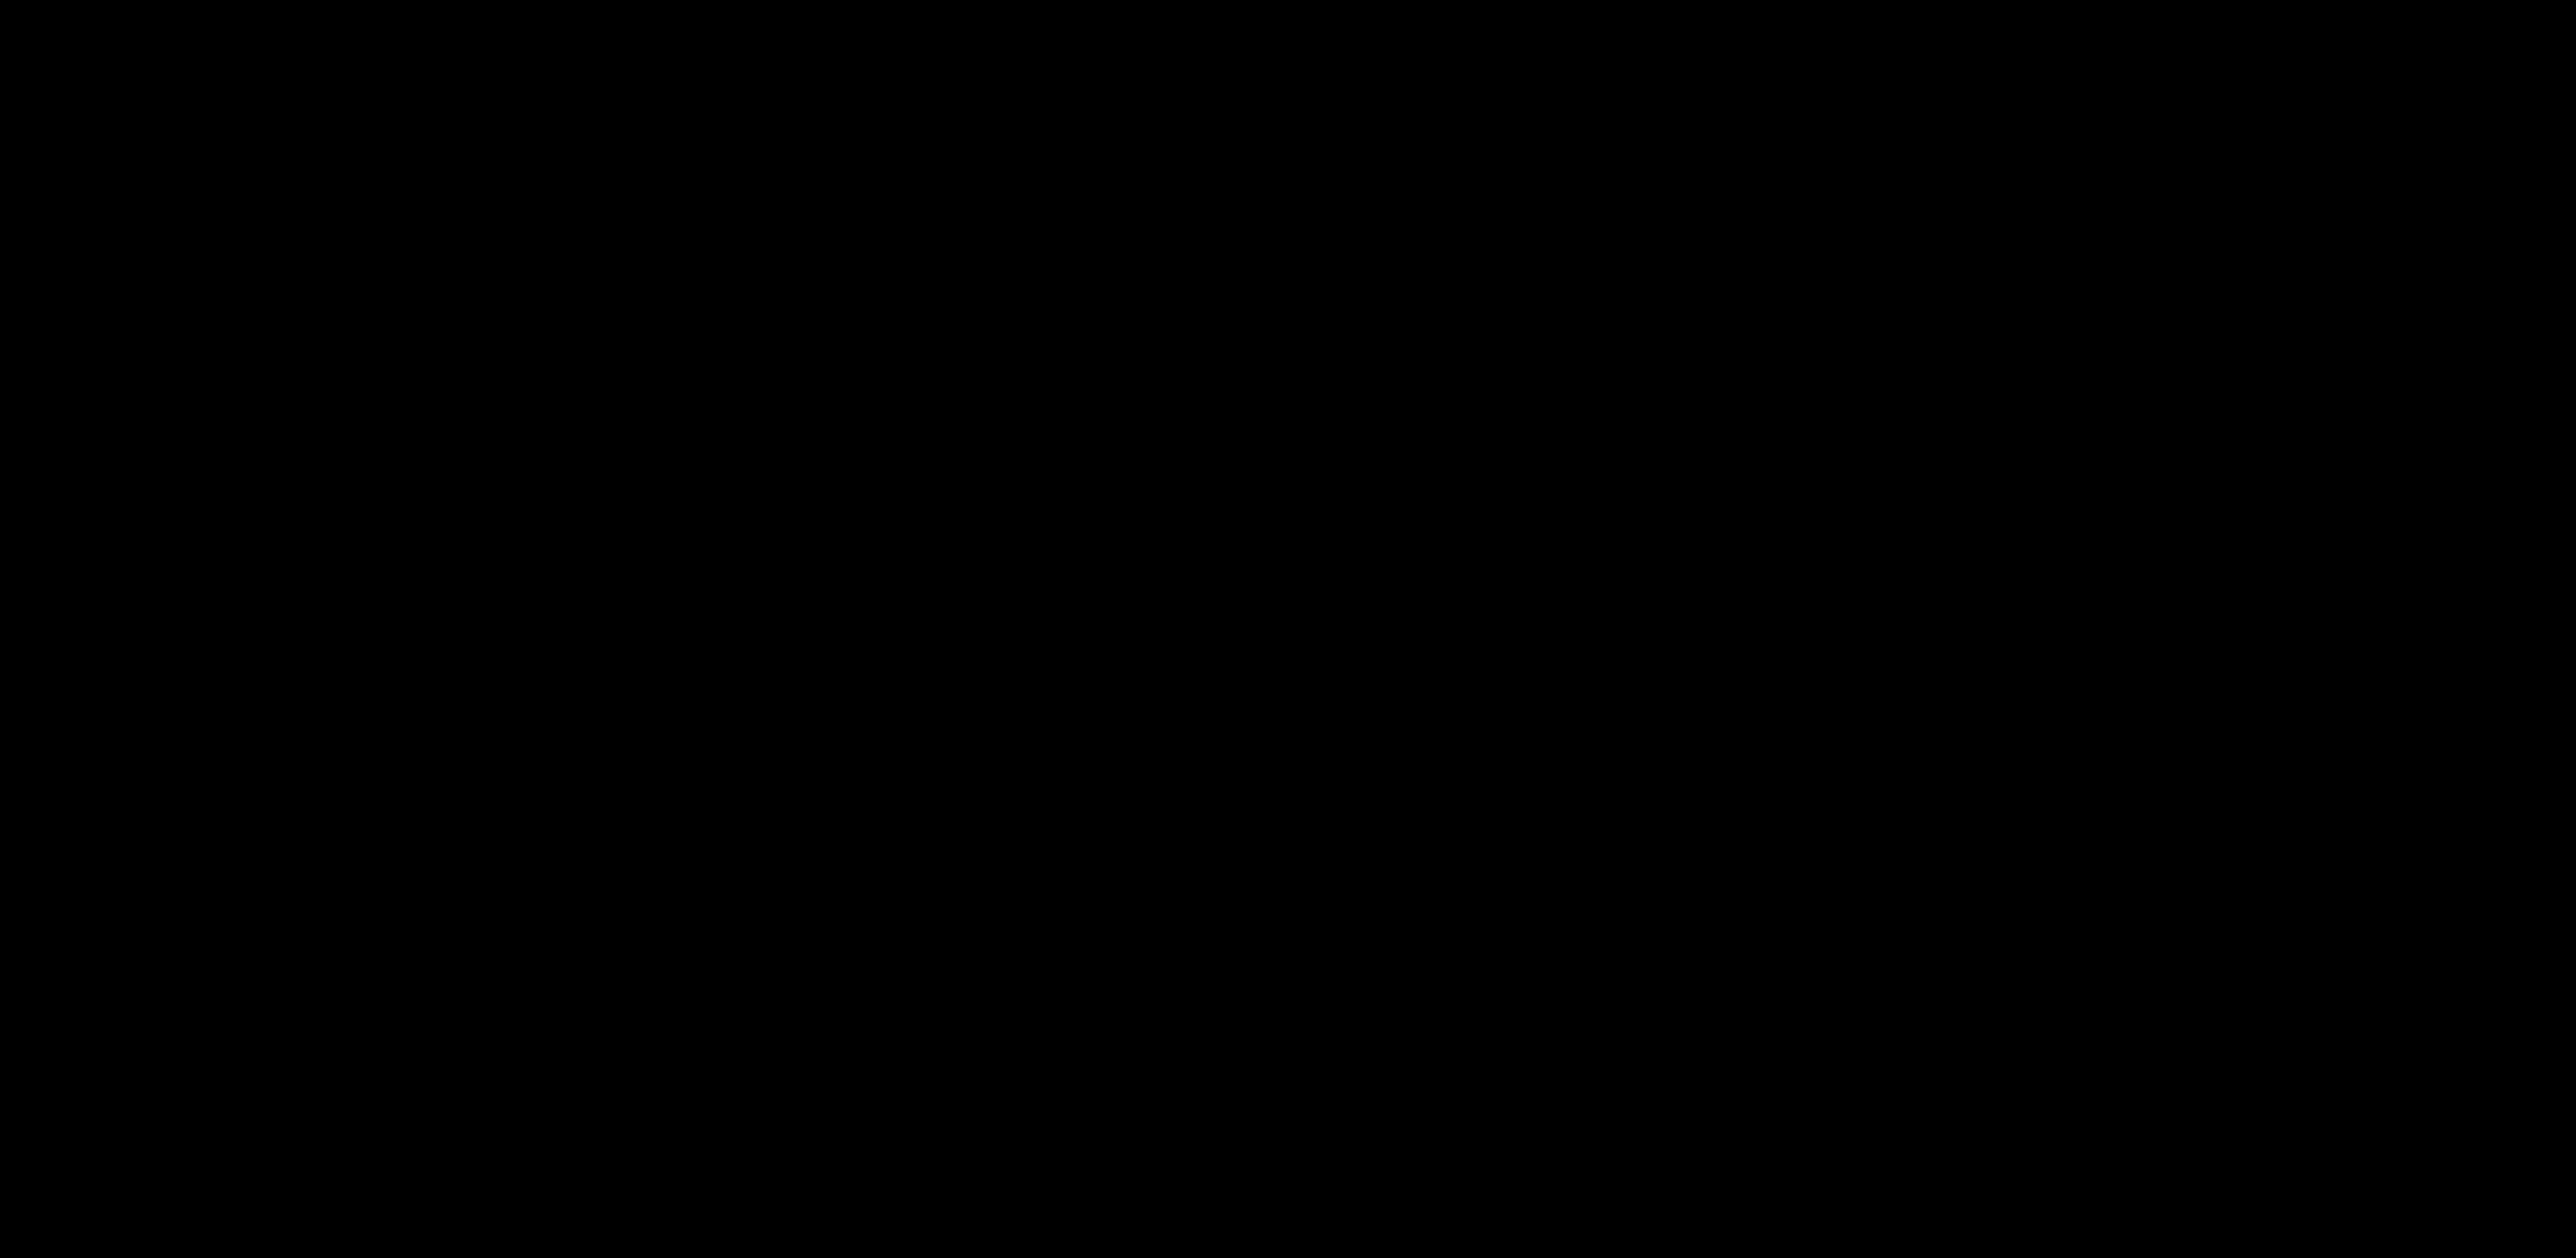 ARKIPEL-SOON-IN-AUGUST-2013_-